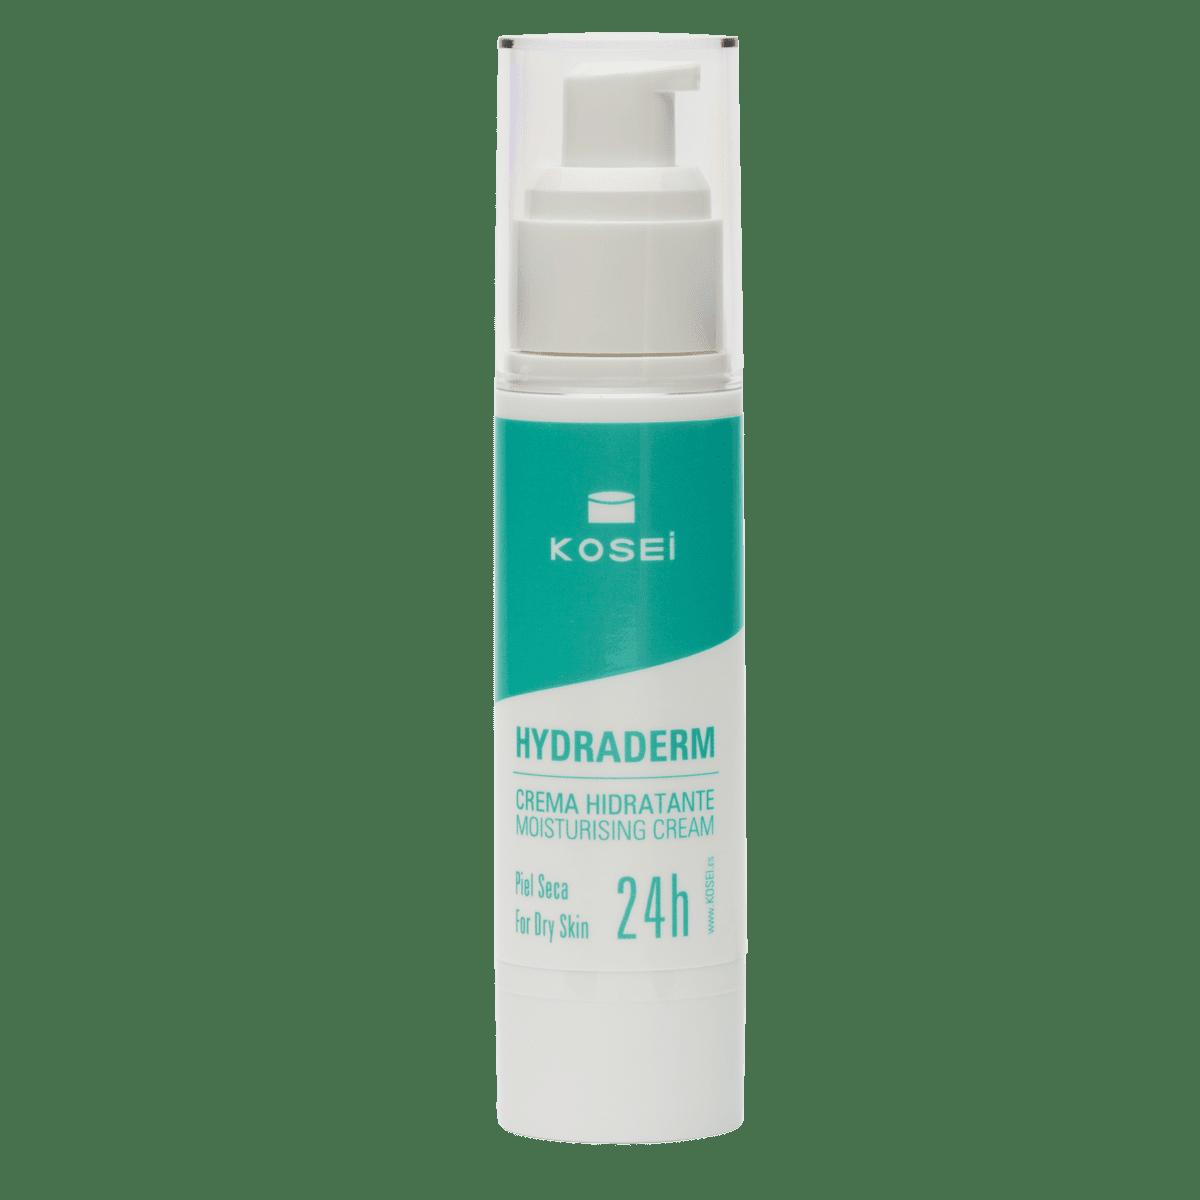 HYDRADERM crema hidratante para piel seca 24 horas